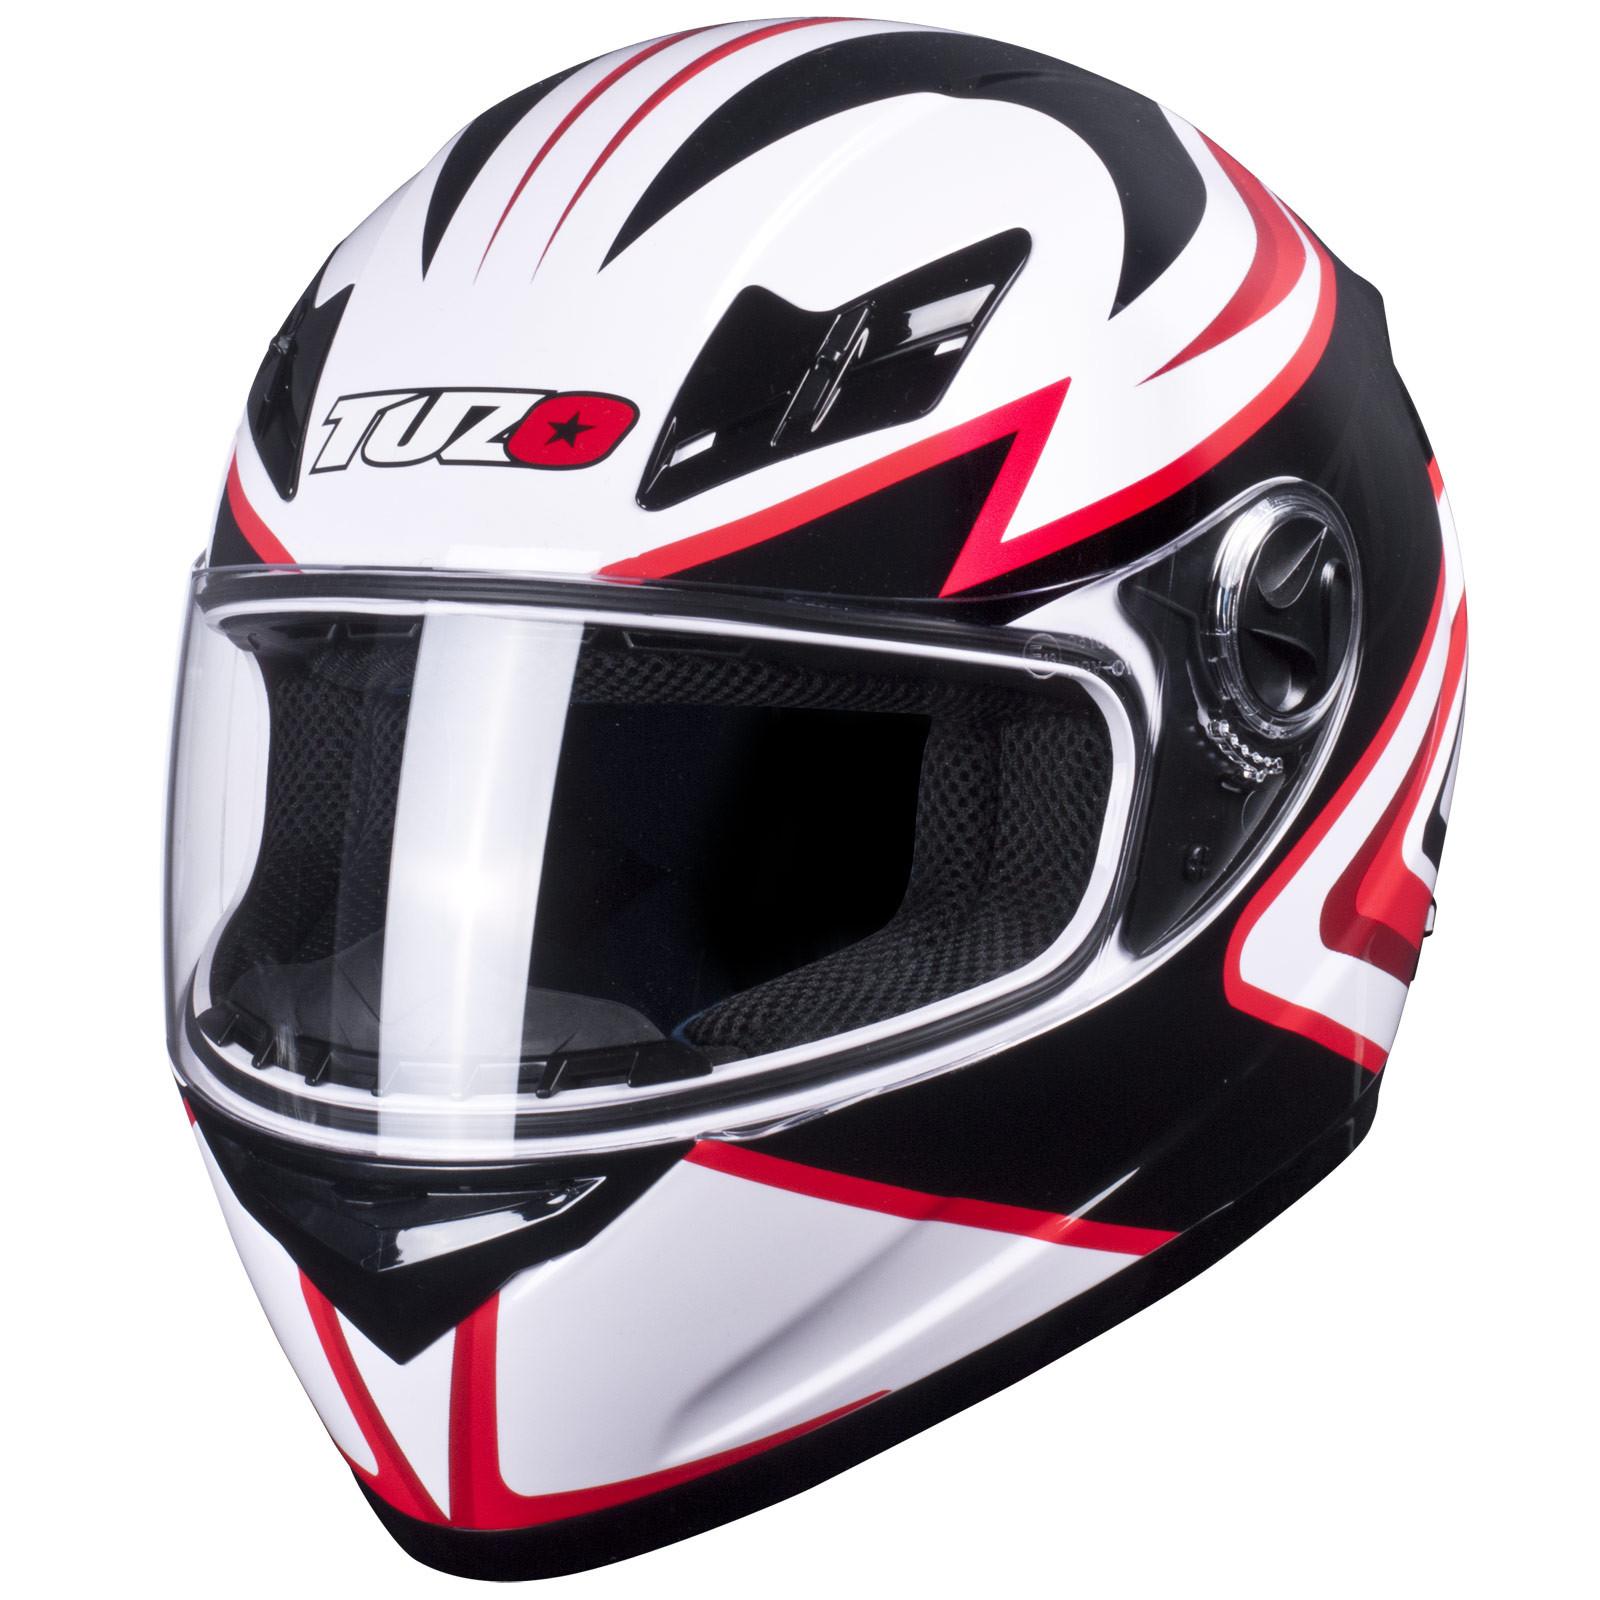 Tuzo Ghost Full Face Helmet £19.99 @ M&P Direct